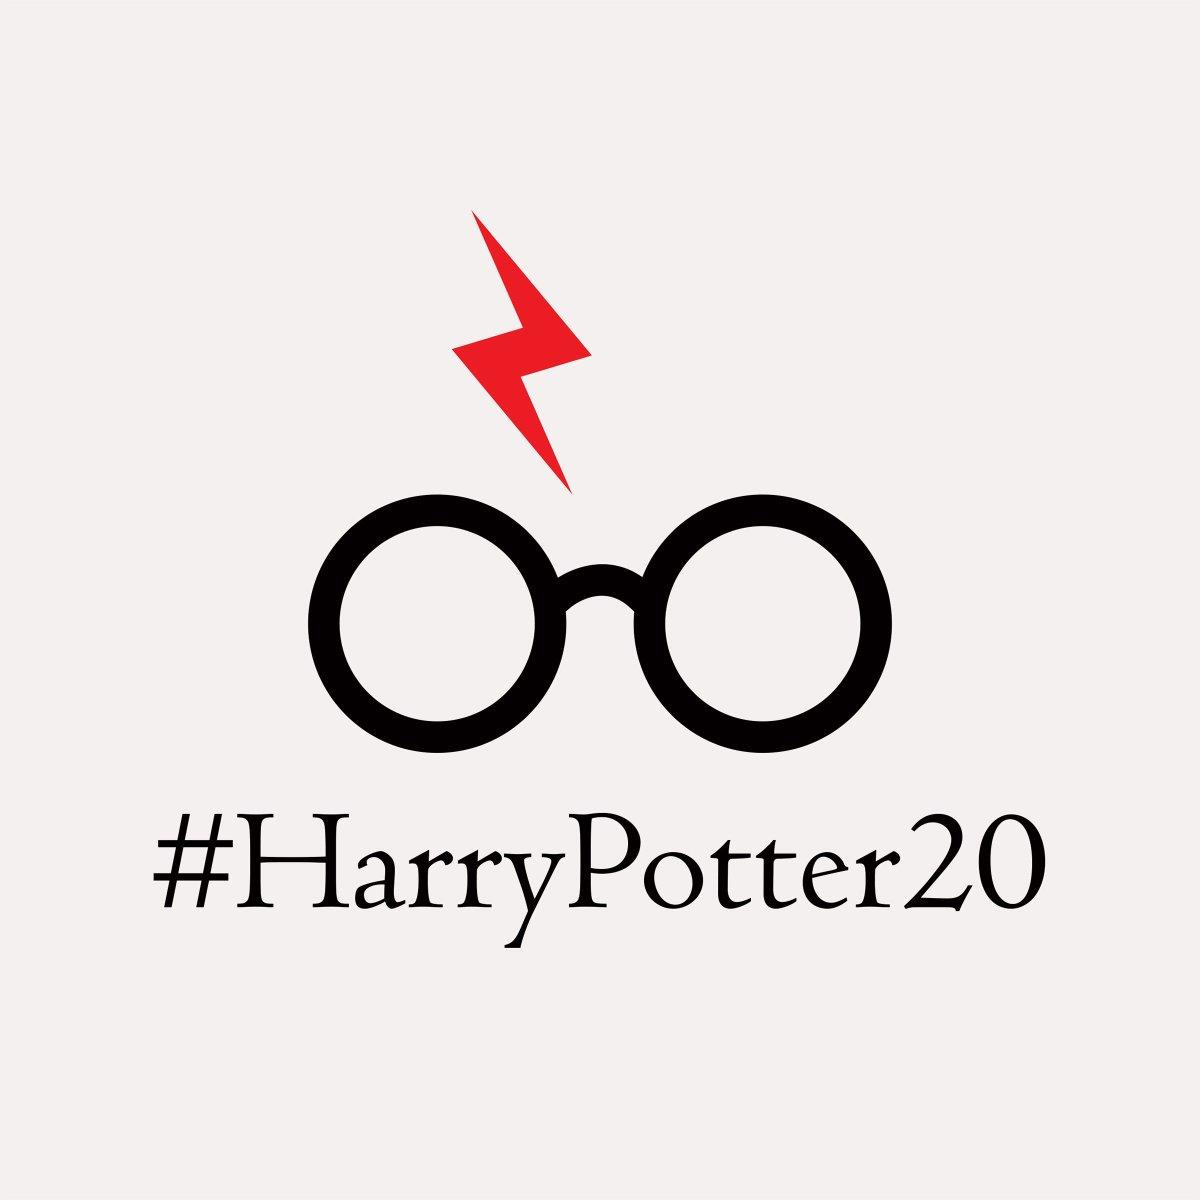 С днем рождения Гарри Поттер